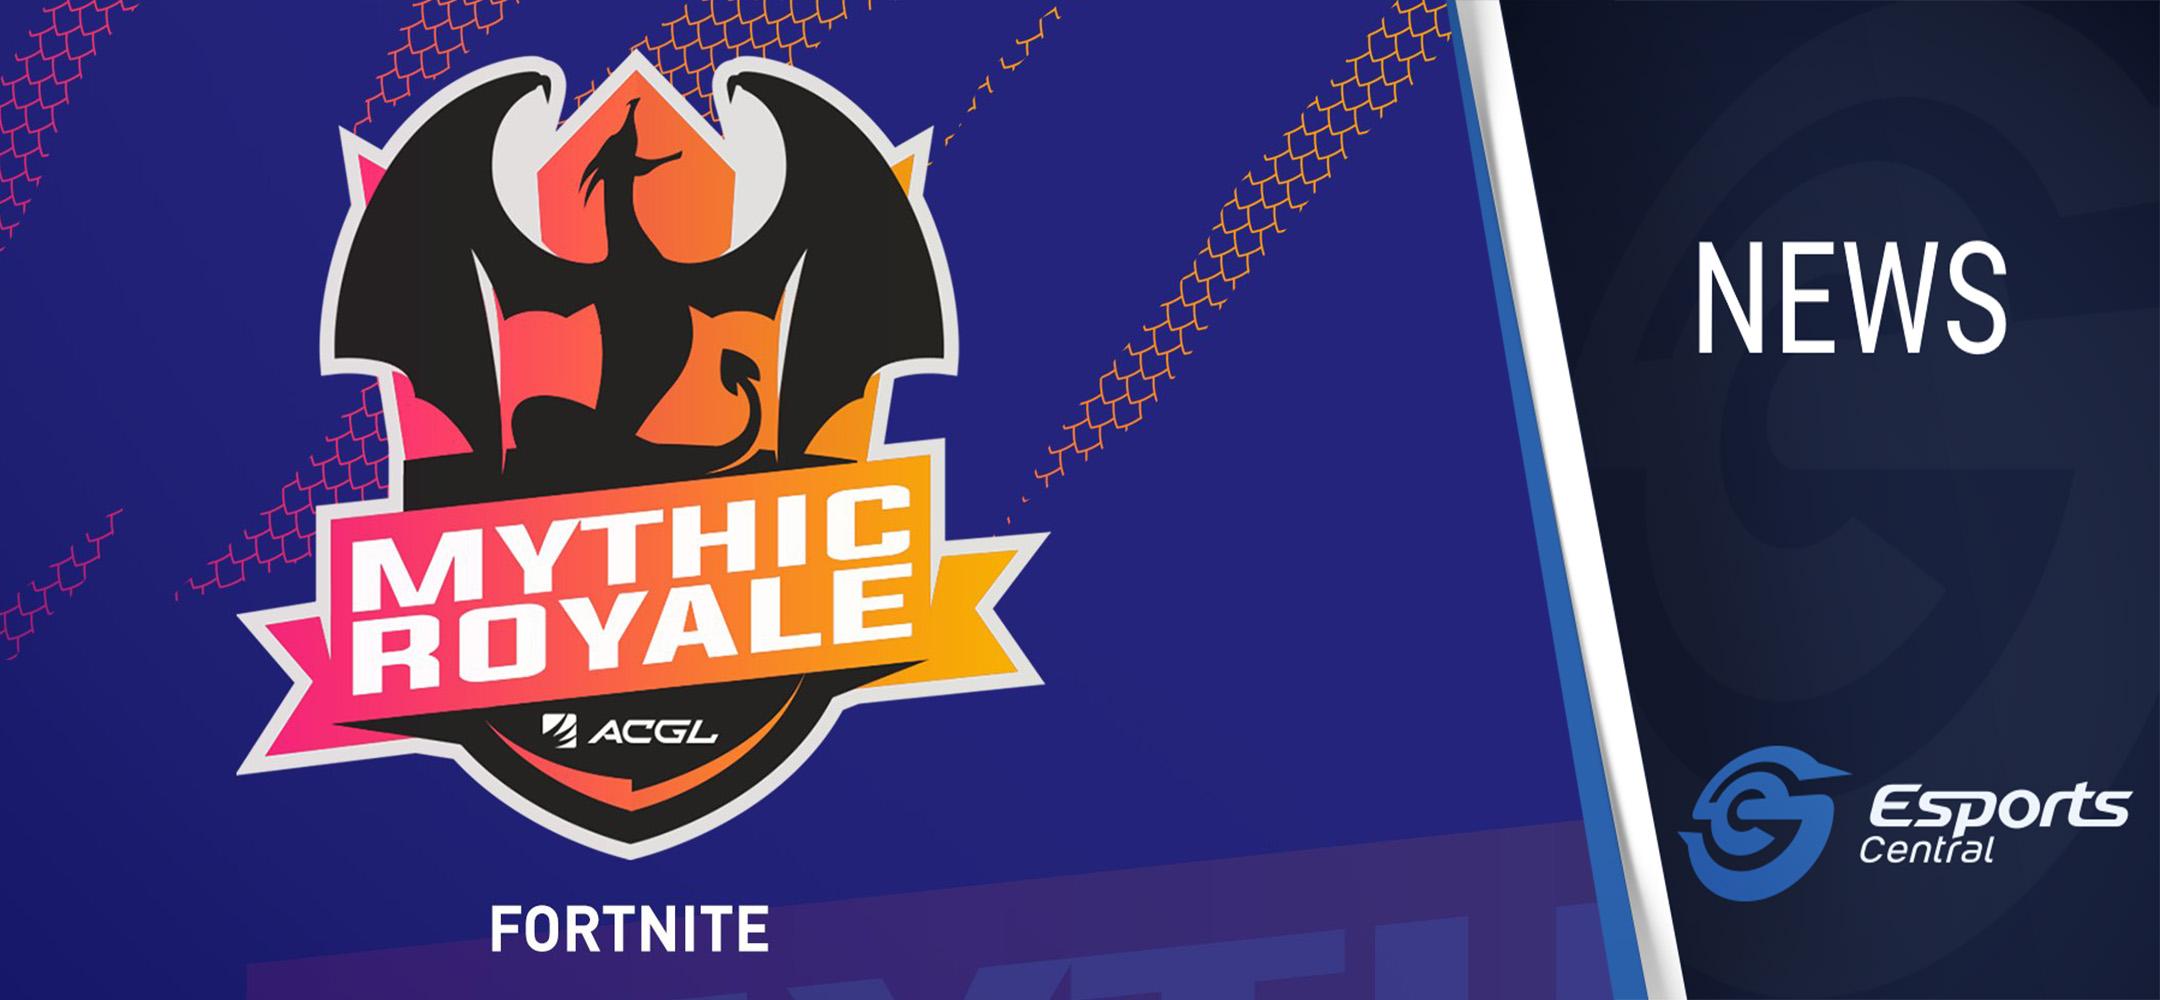 Mythic Royale fortnite